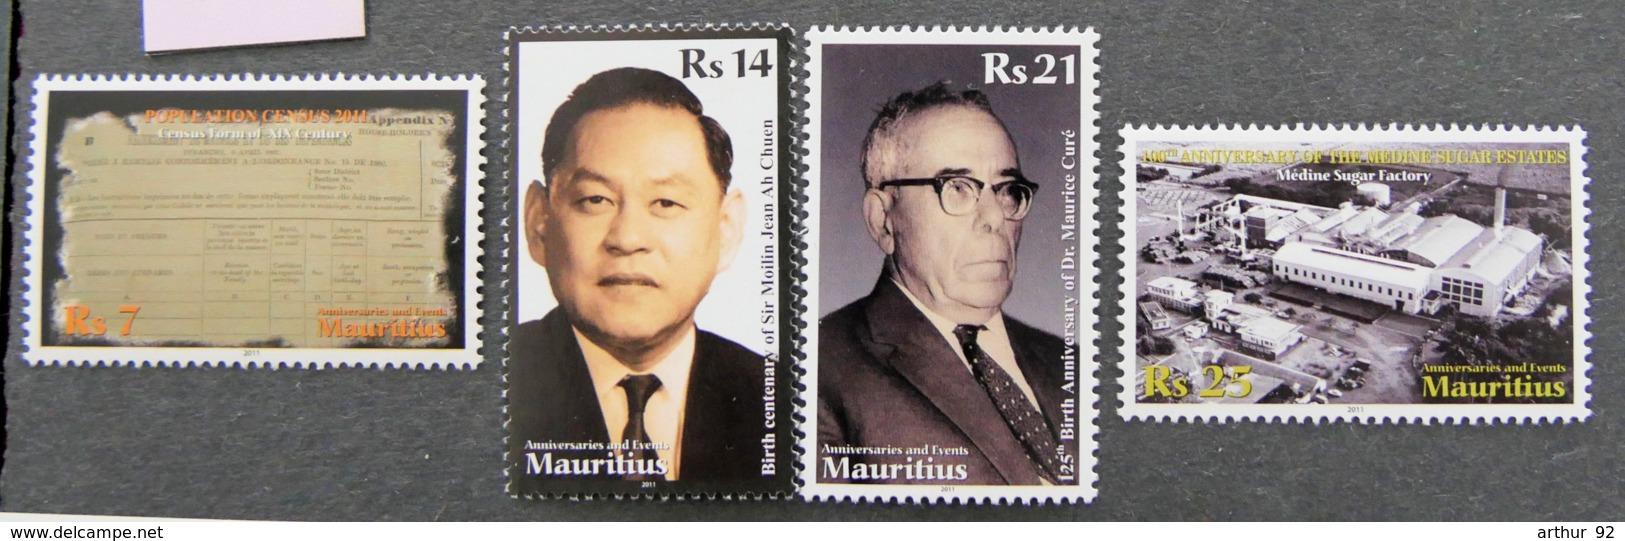 ILE MAURICE - MAURITIUS - 2011 - YT 1130 à 1133 ** - ANNIVERSAIRES ET EVENEMENTS - Mauritius (1968-...)